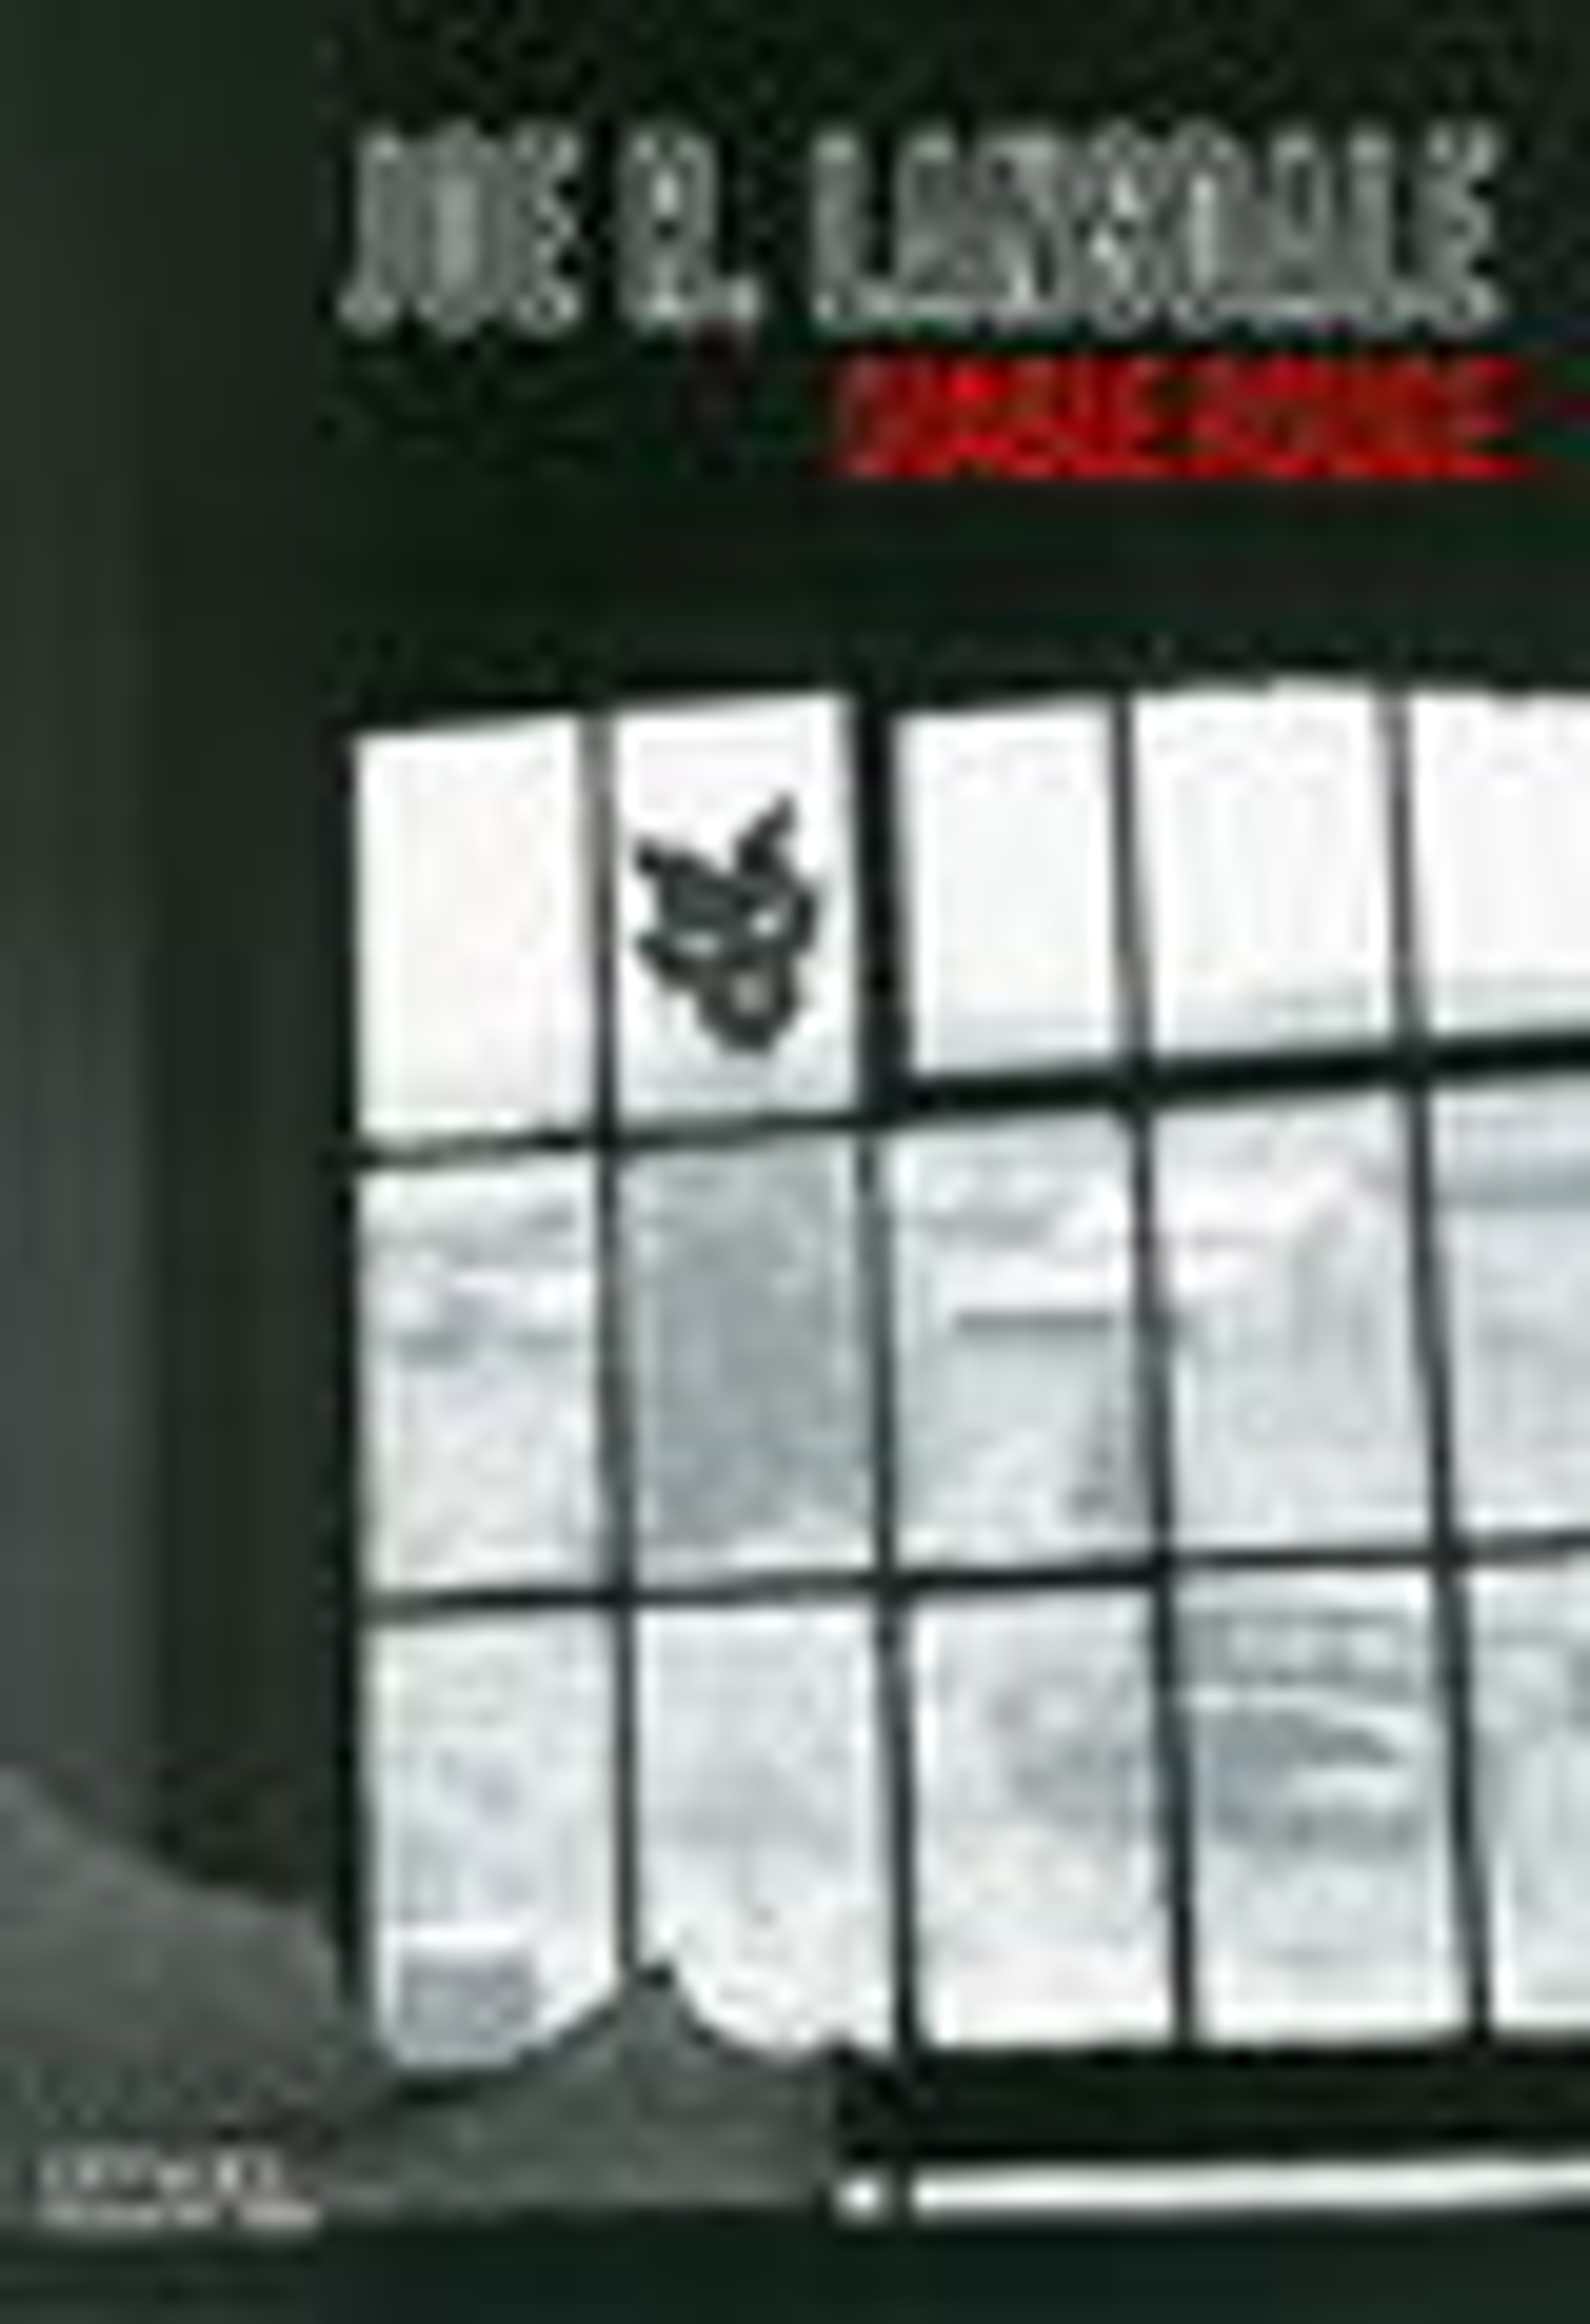 Couverture : Diable rouge Joe R. Lansdale